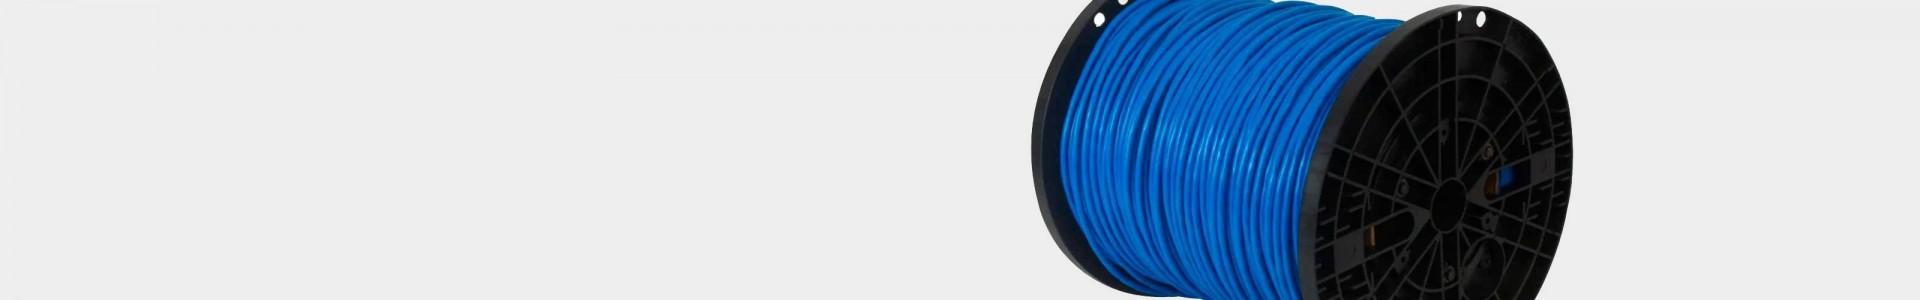 Cables de audio para instrumento - Calidad profesional - Avacab